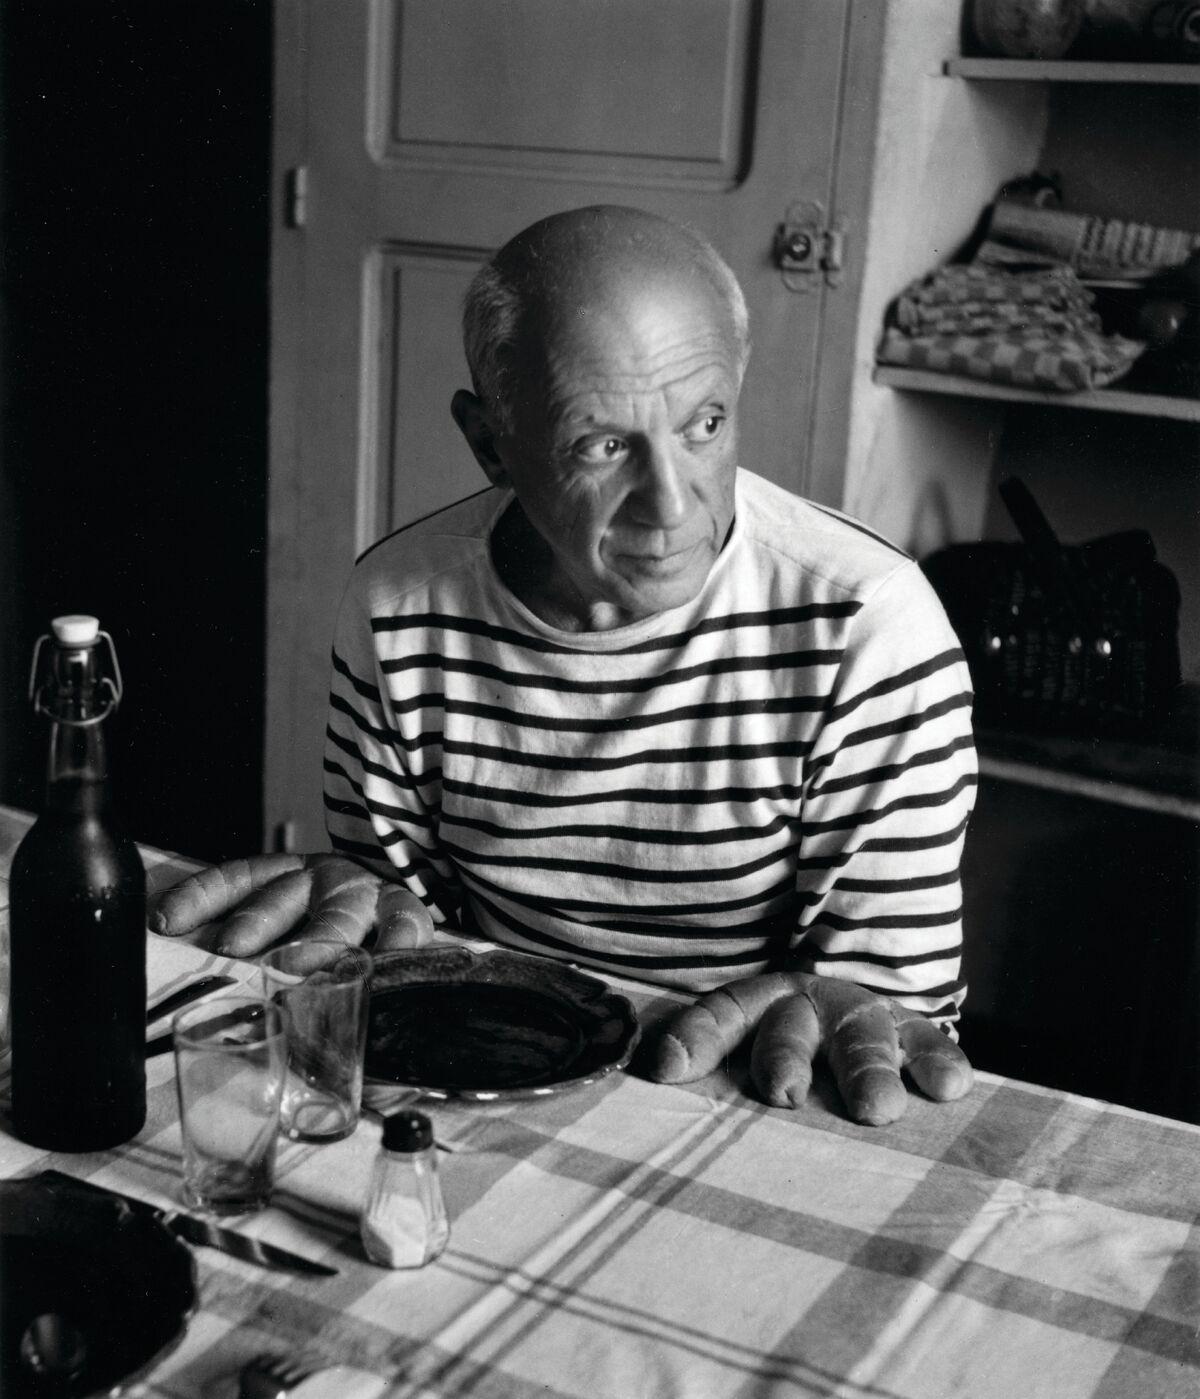 Les pains de picasso » (c)Robert Doisneau, 1952, article doisneau, déclics et des déclichés par mina sidi ali pour go out magazine mai 2018